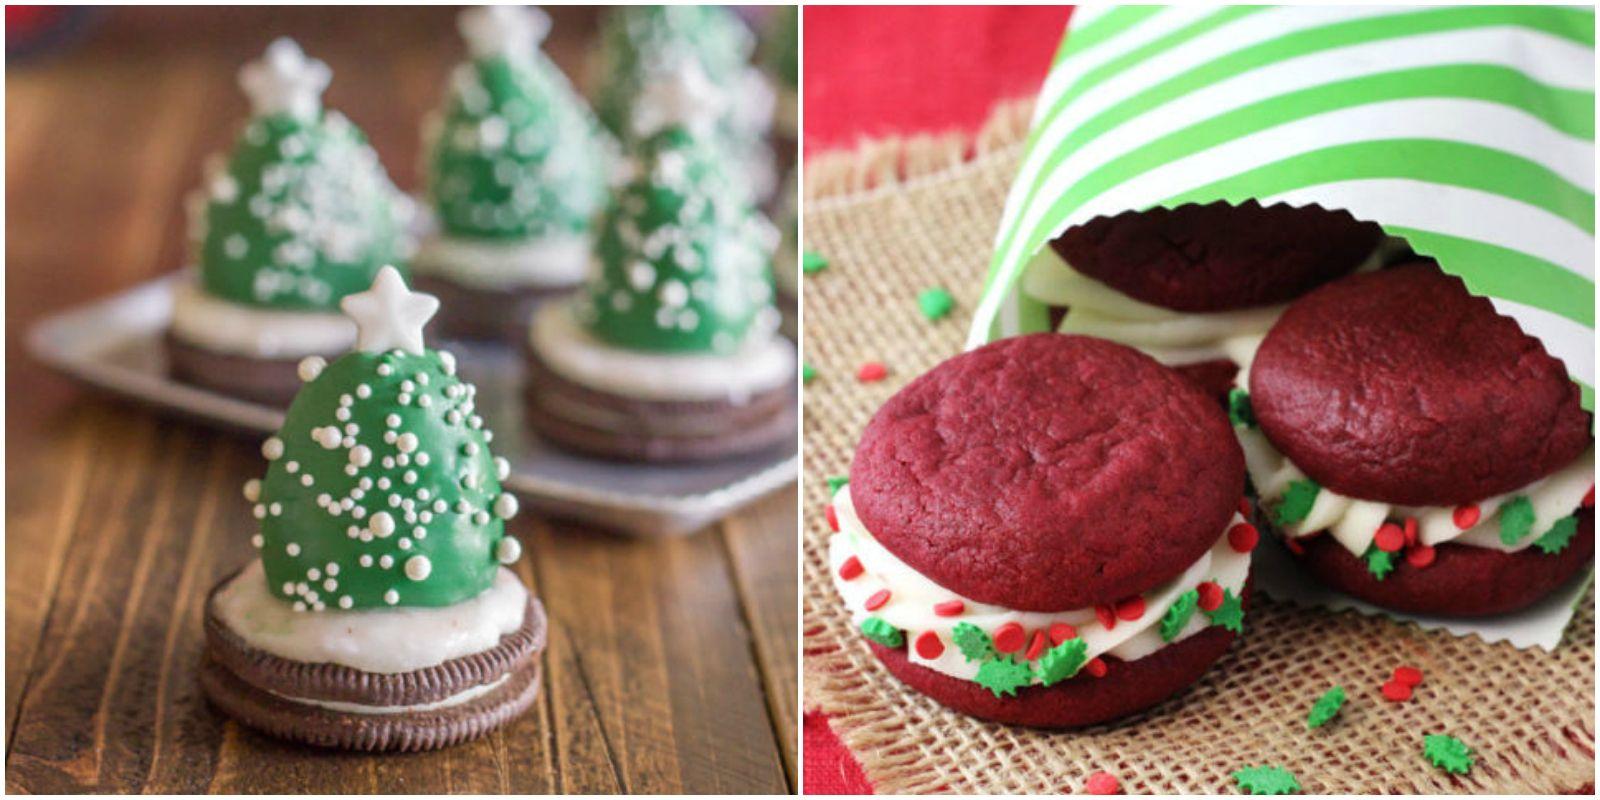 40 Easy Christmas Dessert Recipes Cute Ideas For Desserts